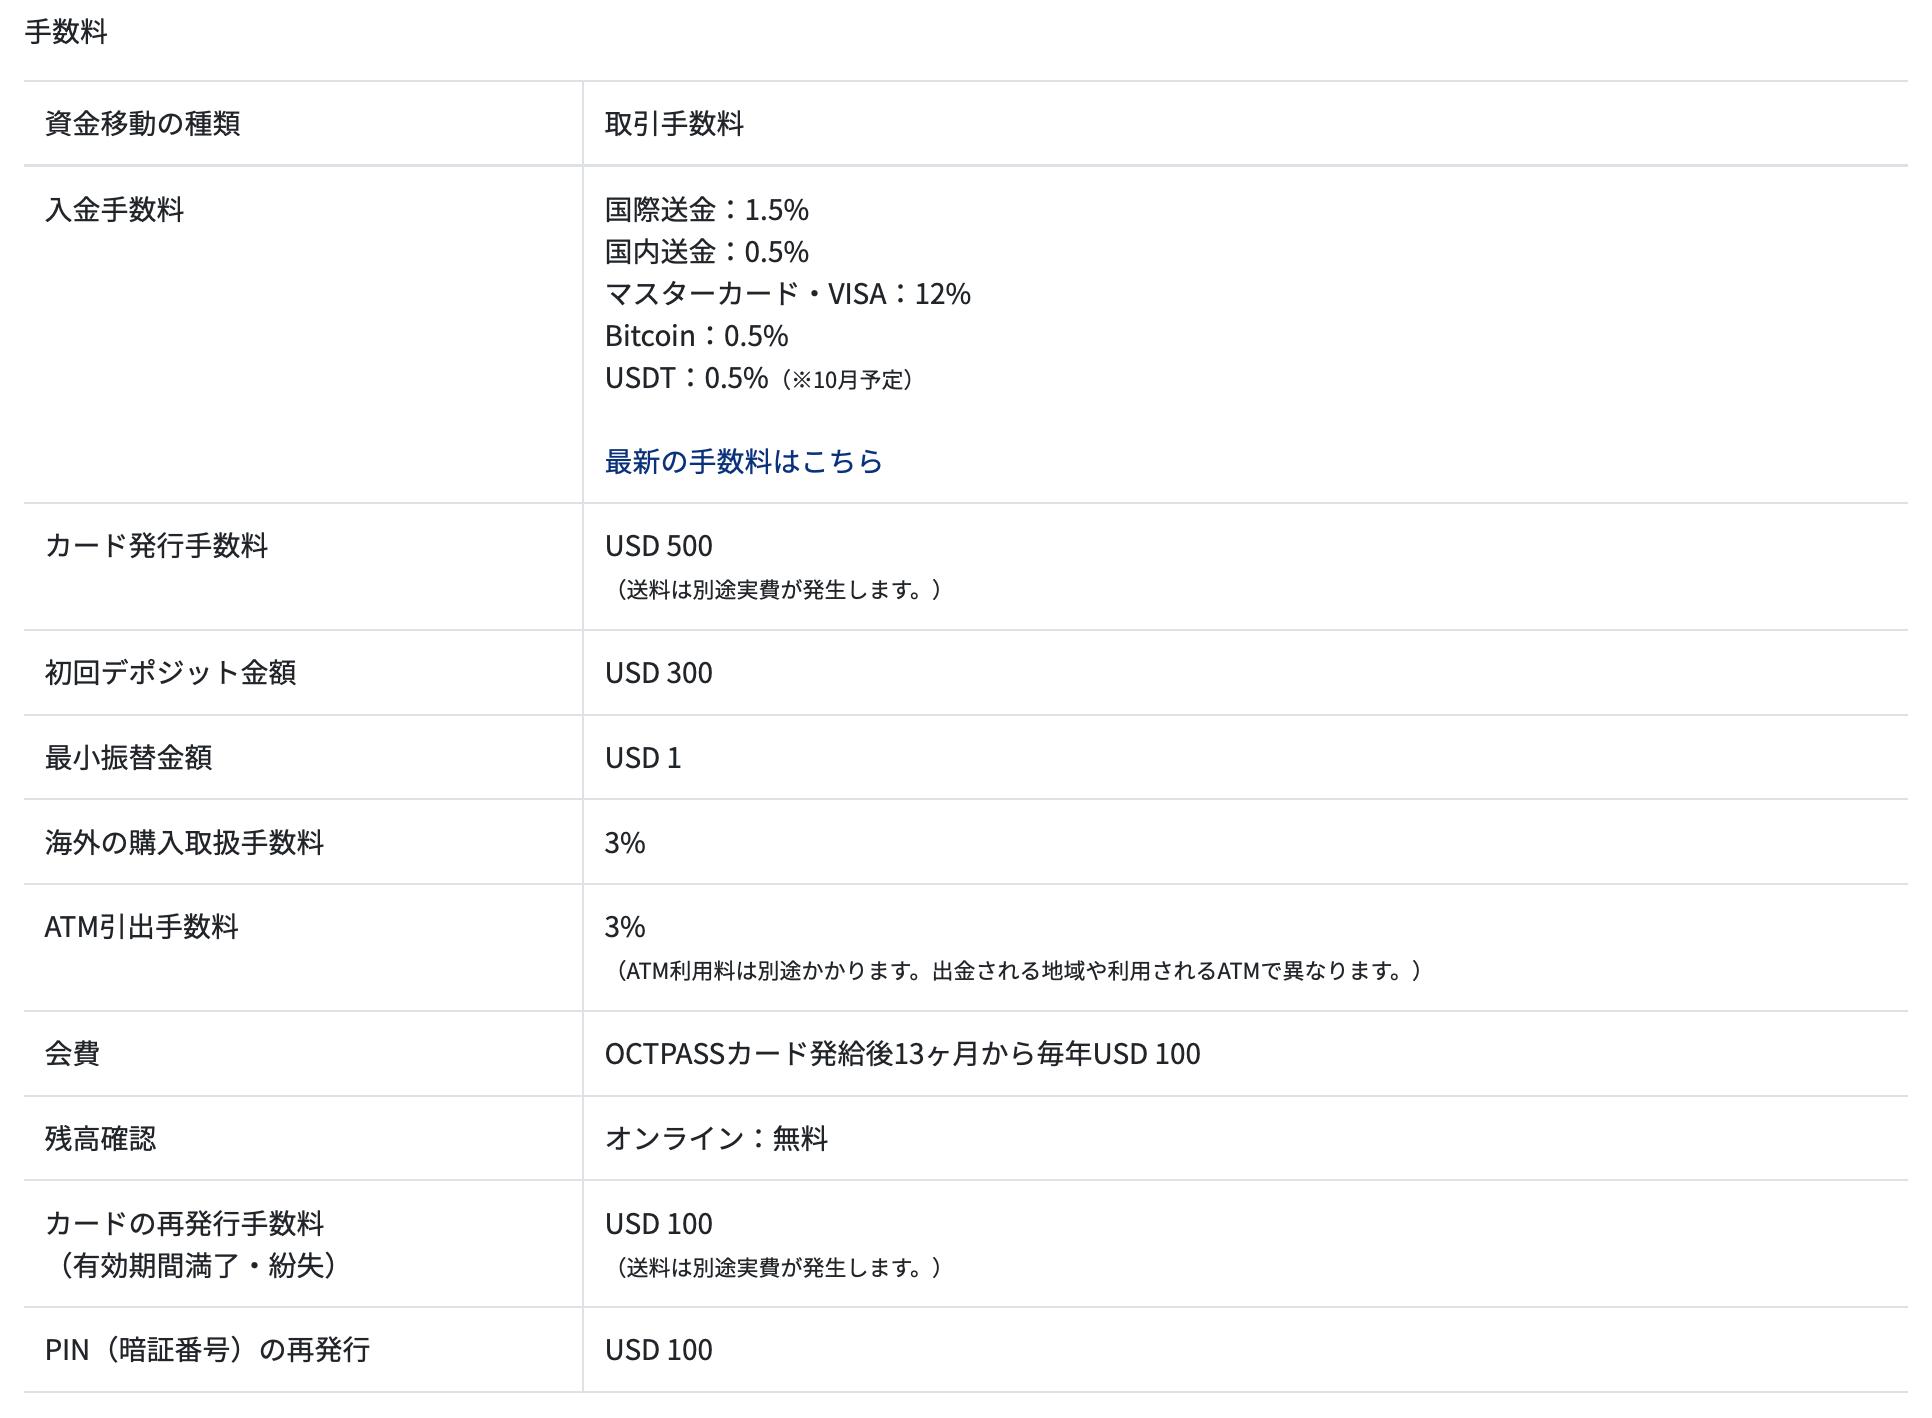 資金移動の種類 取引手数料 入金手数料 国際送金:1.5% 国内送金:0.5% マスターカード・VISA:12% Bitcoin:0.5% USDT:0.5%(※10月予定) 最新の手数料はこちら カード発行手数料 USD 500 (送料は別途実費が発生します。) 初回デポジット金額 USD 300 最小振替金額 USD 1 海外の購入取扱手数料 3% ATM引出手数料 3% (ATM利用料は別途かかります。出金される地域や利用されるATMで異なります。) 会費 OCTPASSカード発給後13ヶ月から毎年USD 100 残高確認 オンライン:無料 カードの再発行手数料 (有効期間満了・紛失) USD 100 (送料は別途実費が発生します。) PIN(暗証番号)の再発行 USD 100